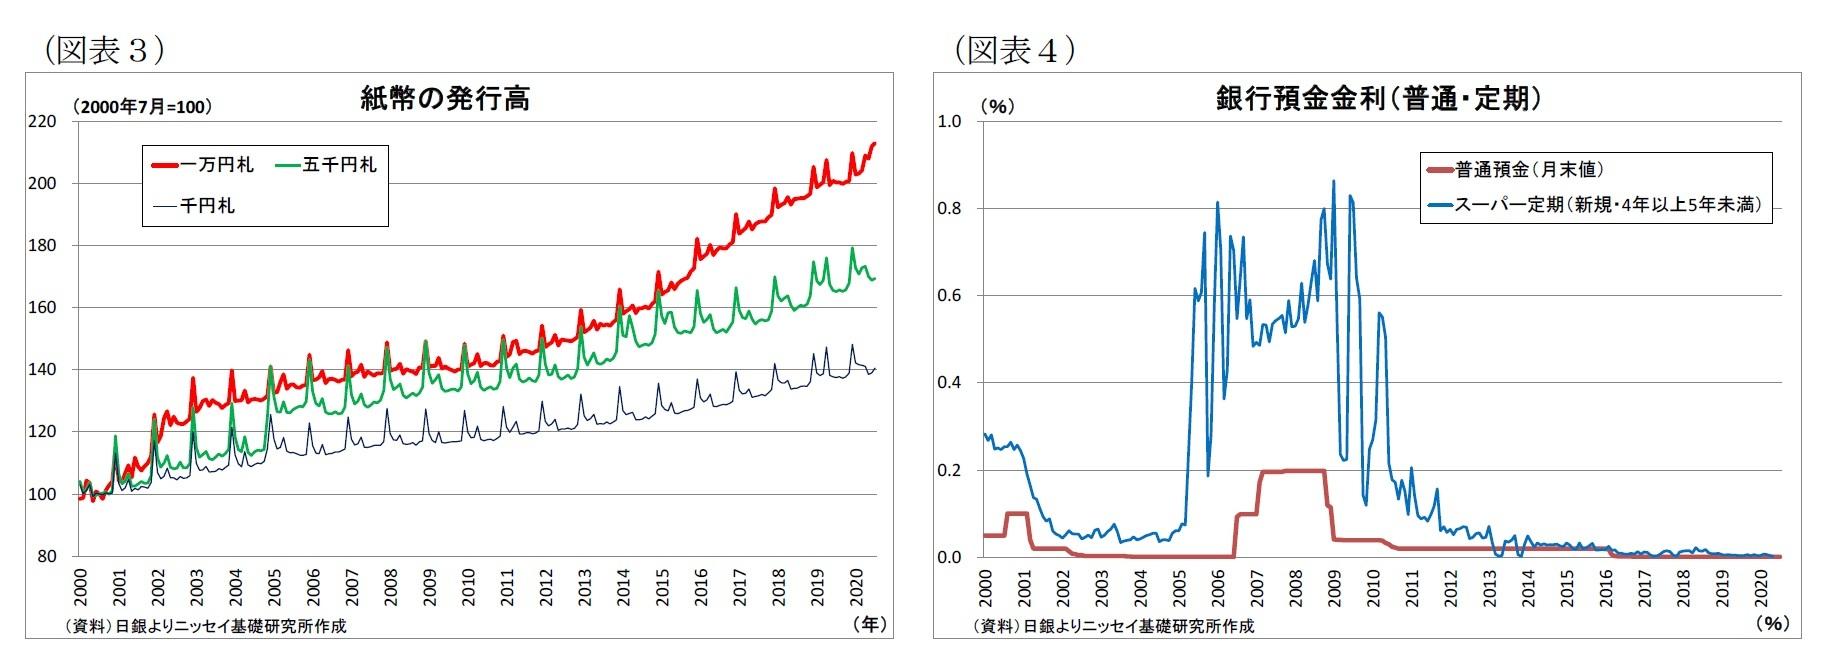 (図表3)紙幣の発行高/(図表4)銀行預金金利(普通・定期)